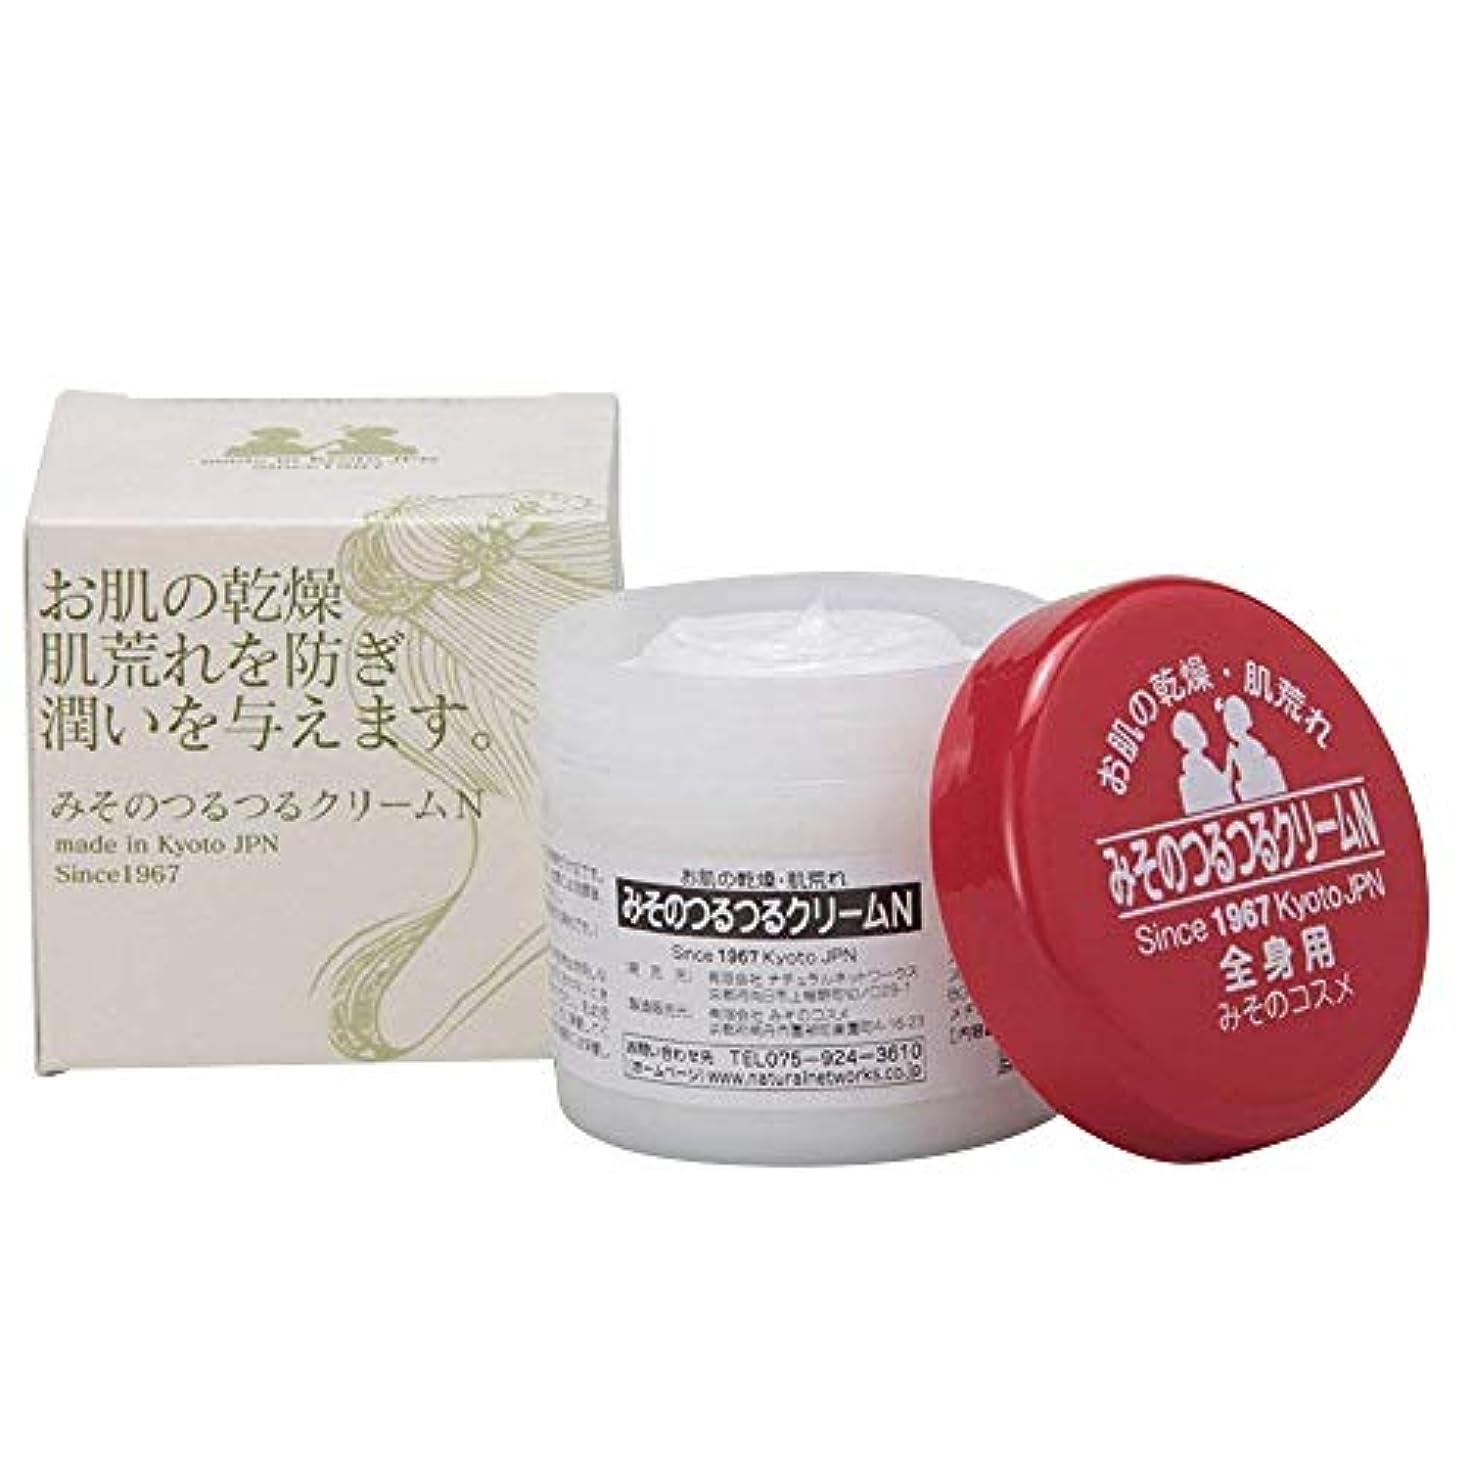 準備背の高い消毒するみそのつるつるクリームN 全身用 33g 無香料 舞妓さんシリーズ 日本製